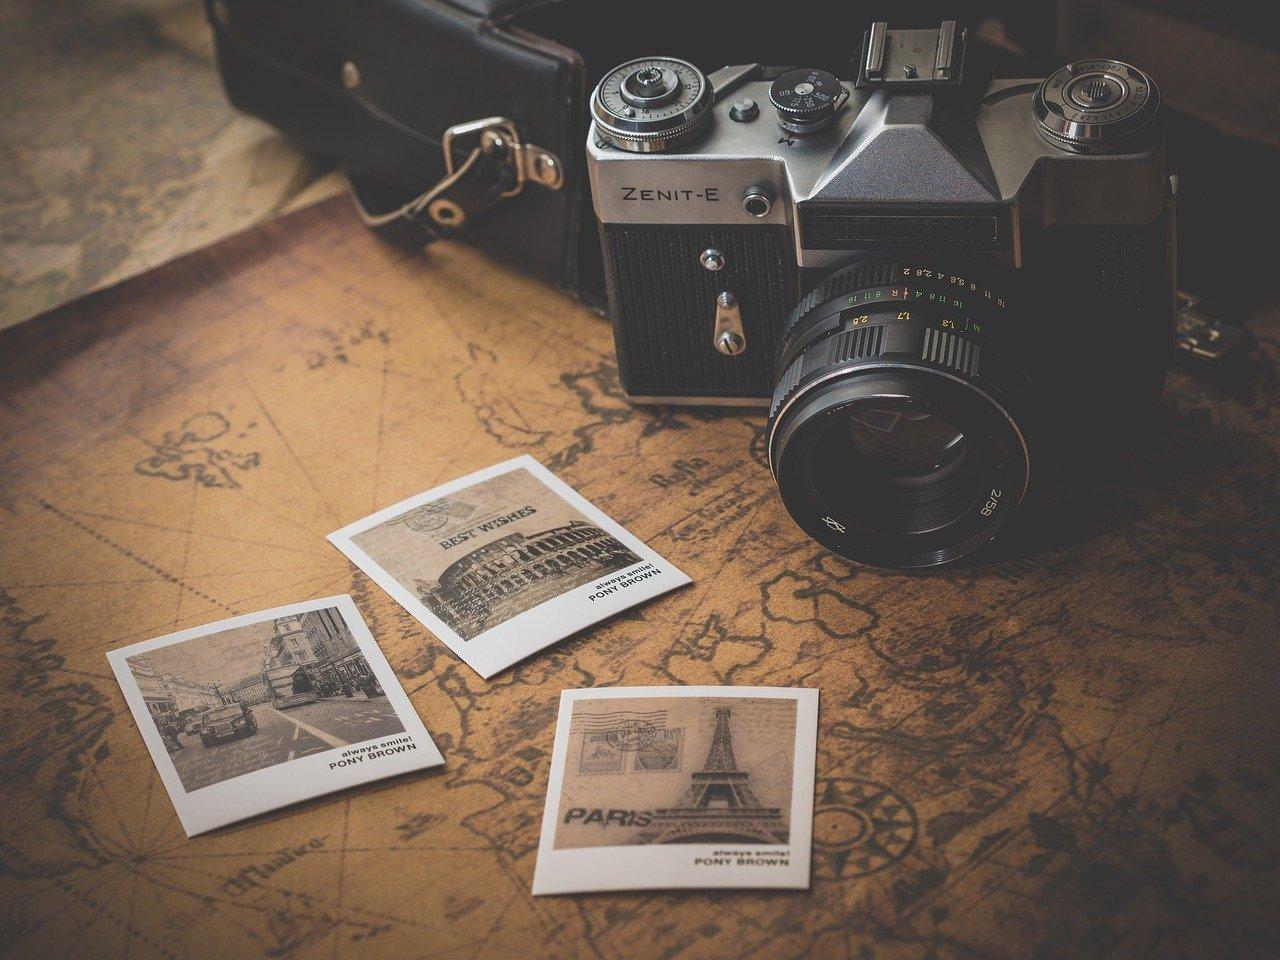 Wixで写真をダウンロード販売!フォトアルバム機能の特徴・設定方法を徹底解説